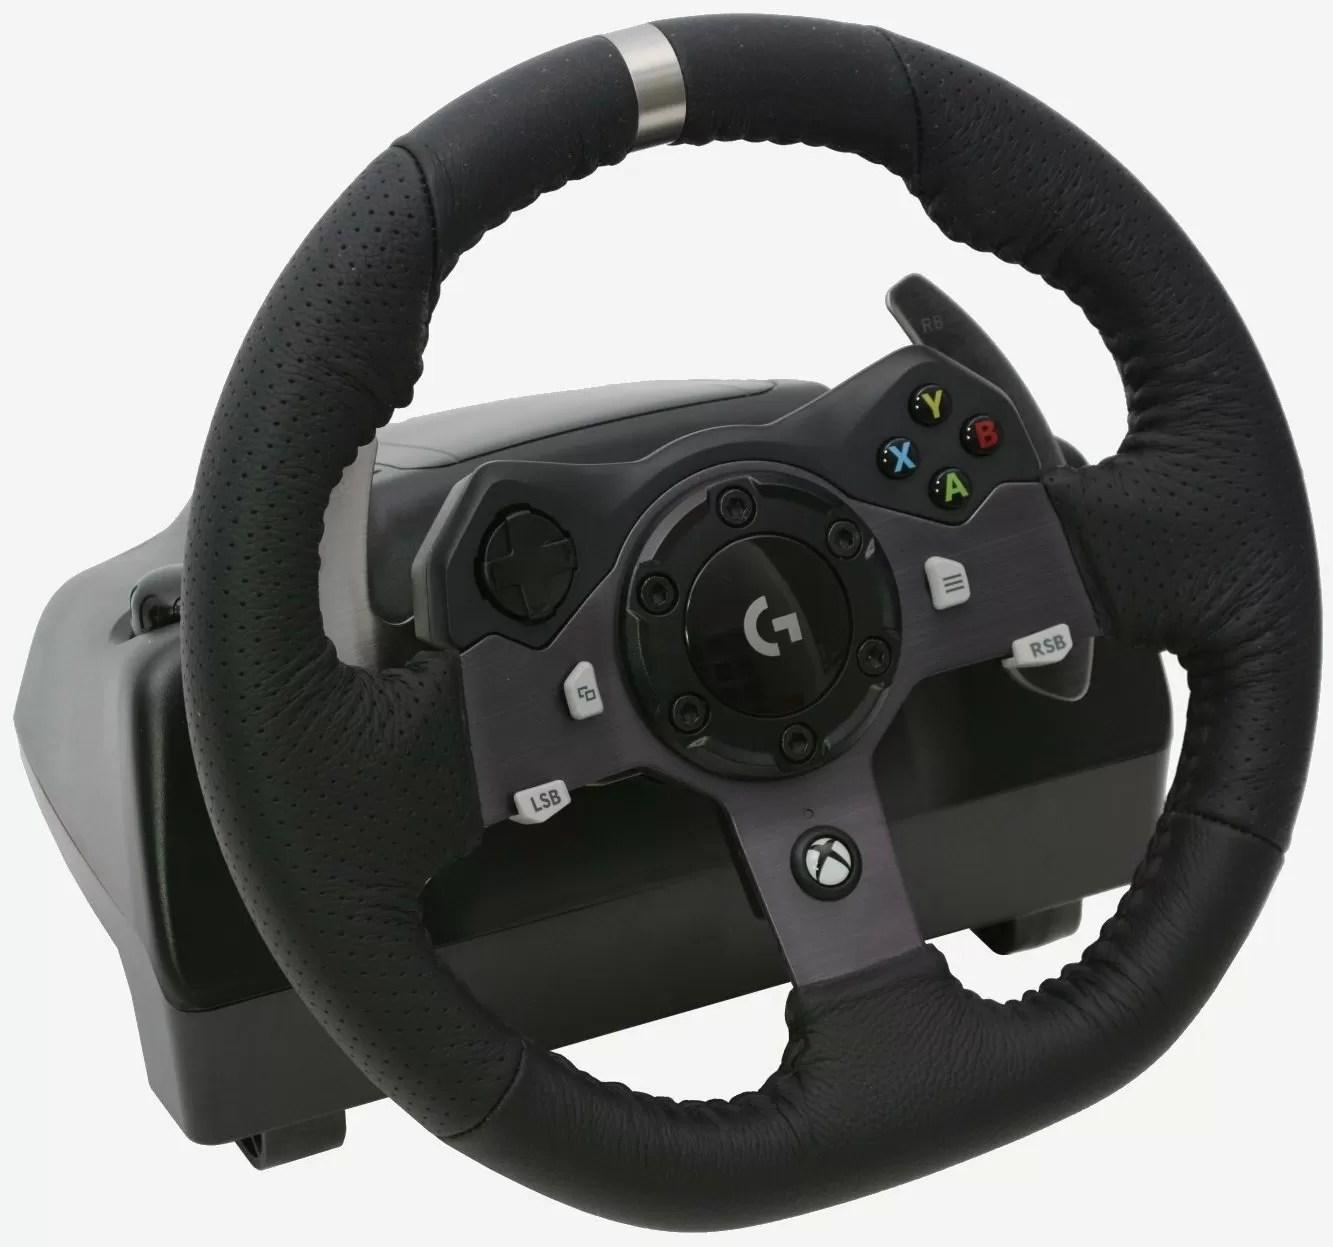 logitech g920 g29 driving